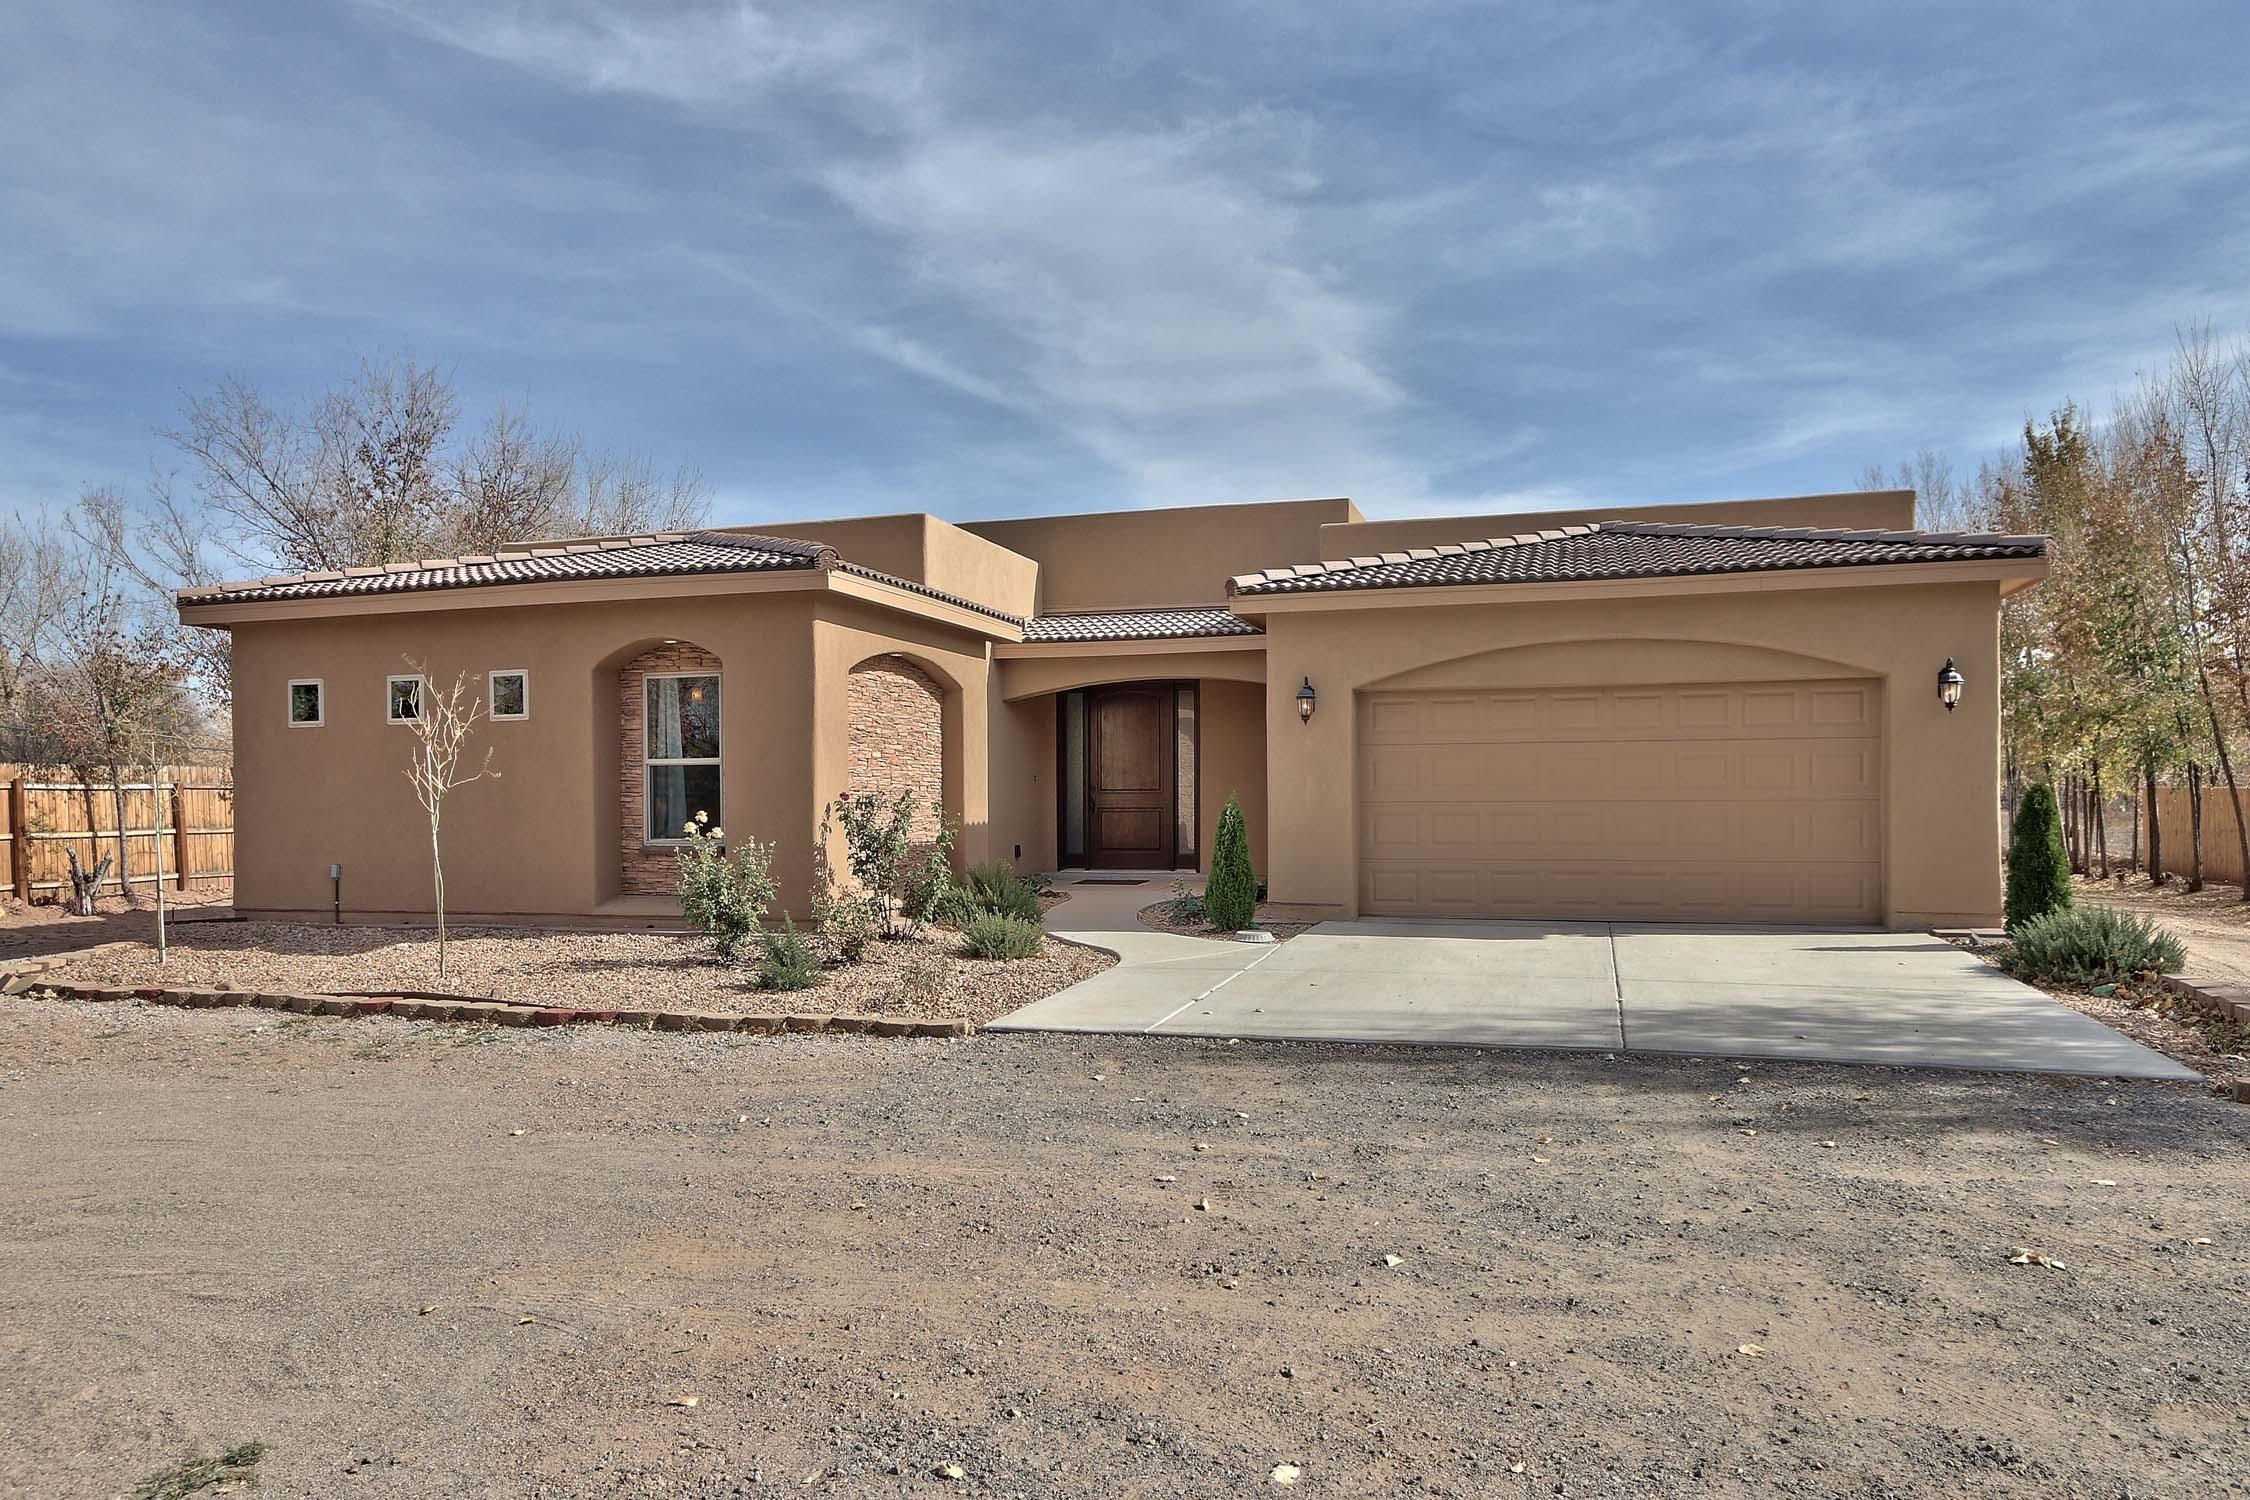 281 Entrada De Los Martinez, Corrales, NM 87048 - Corrales, NM real estate listing